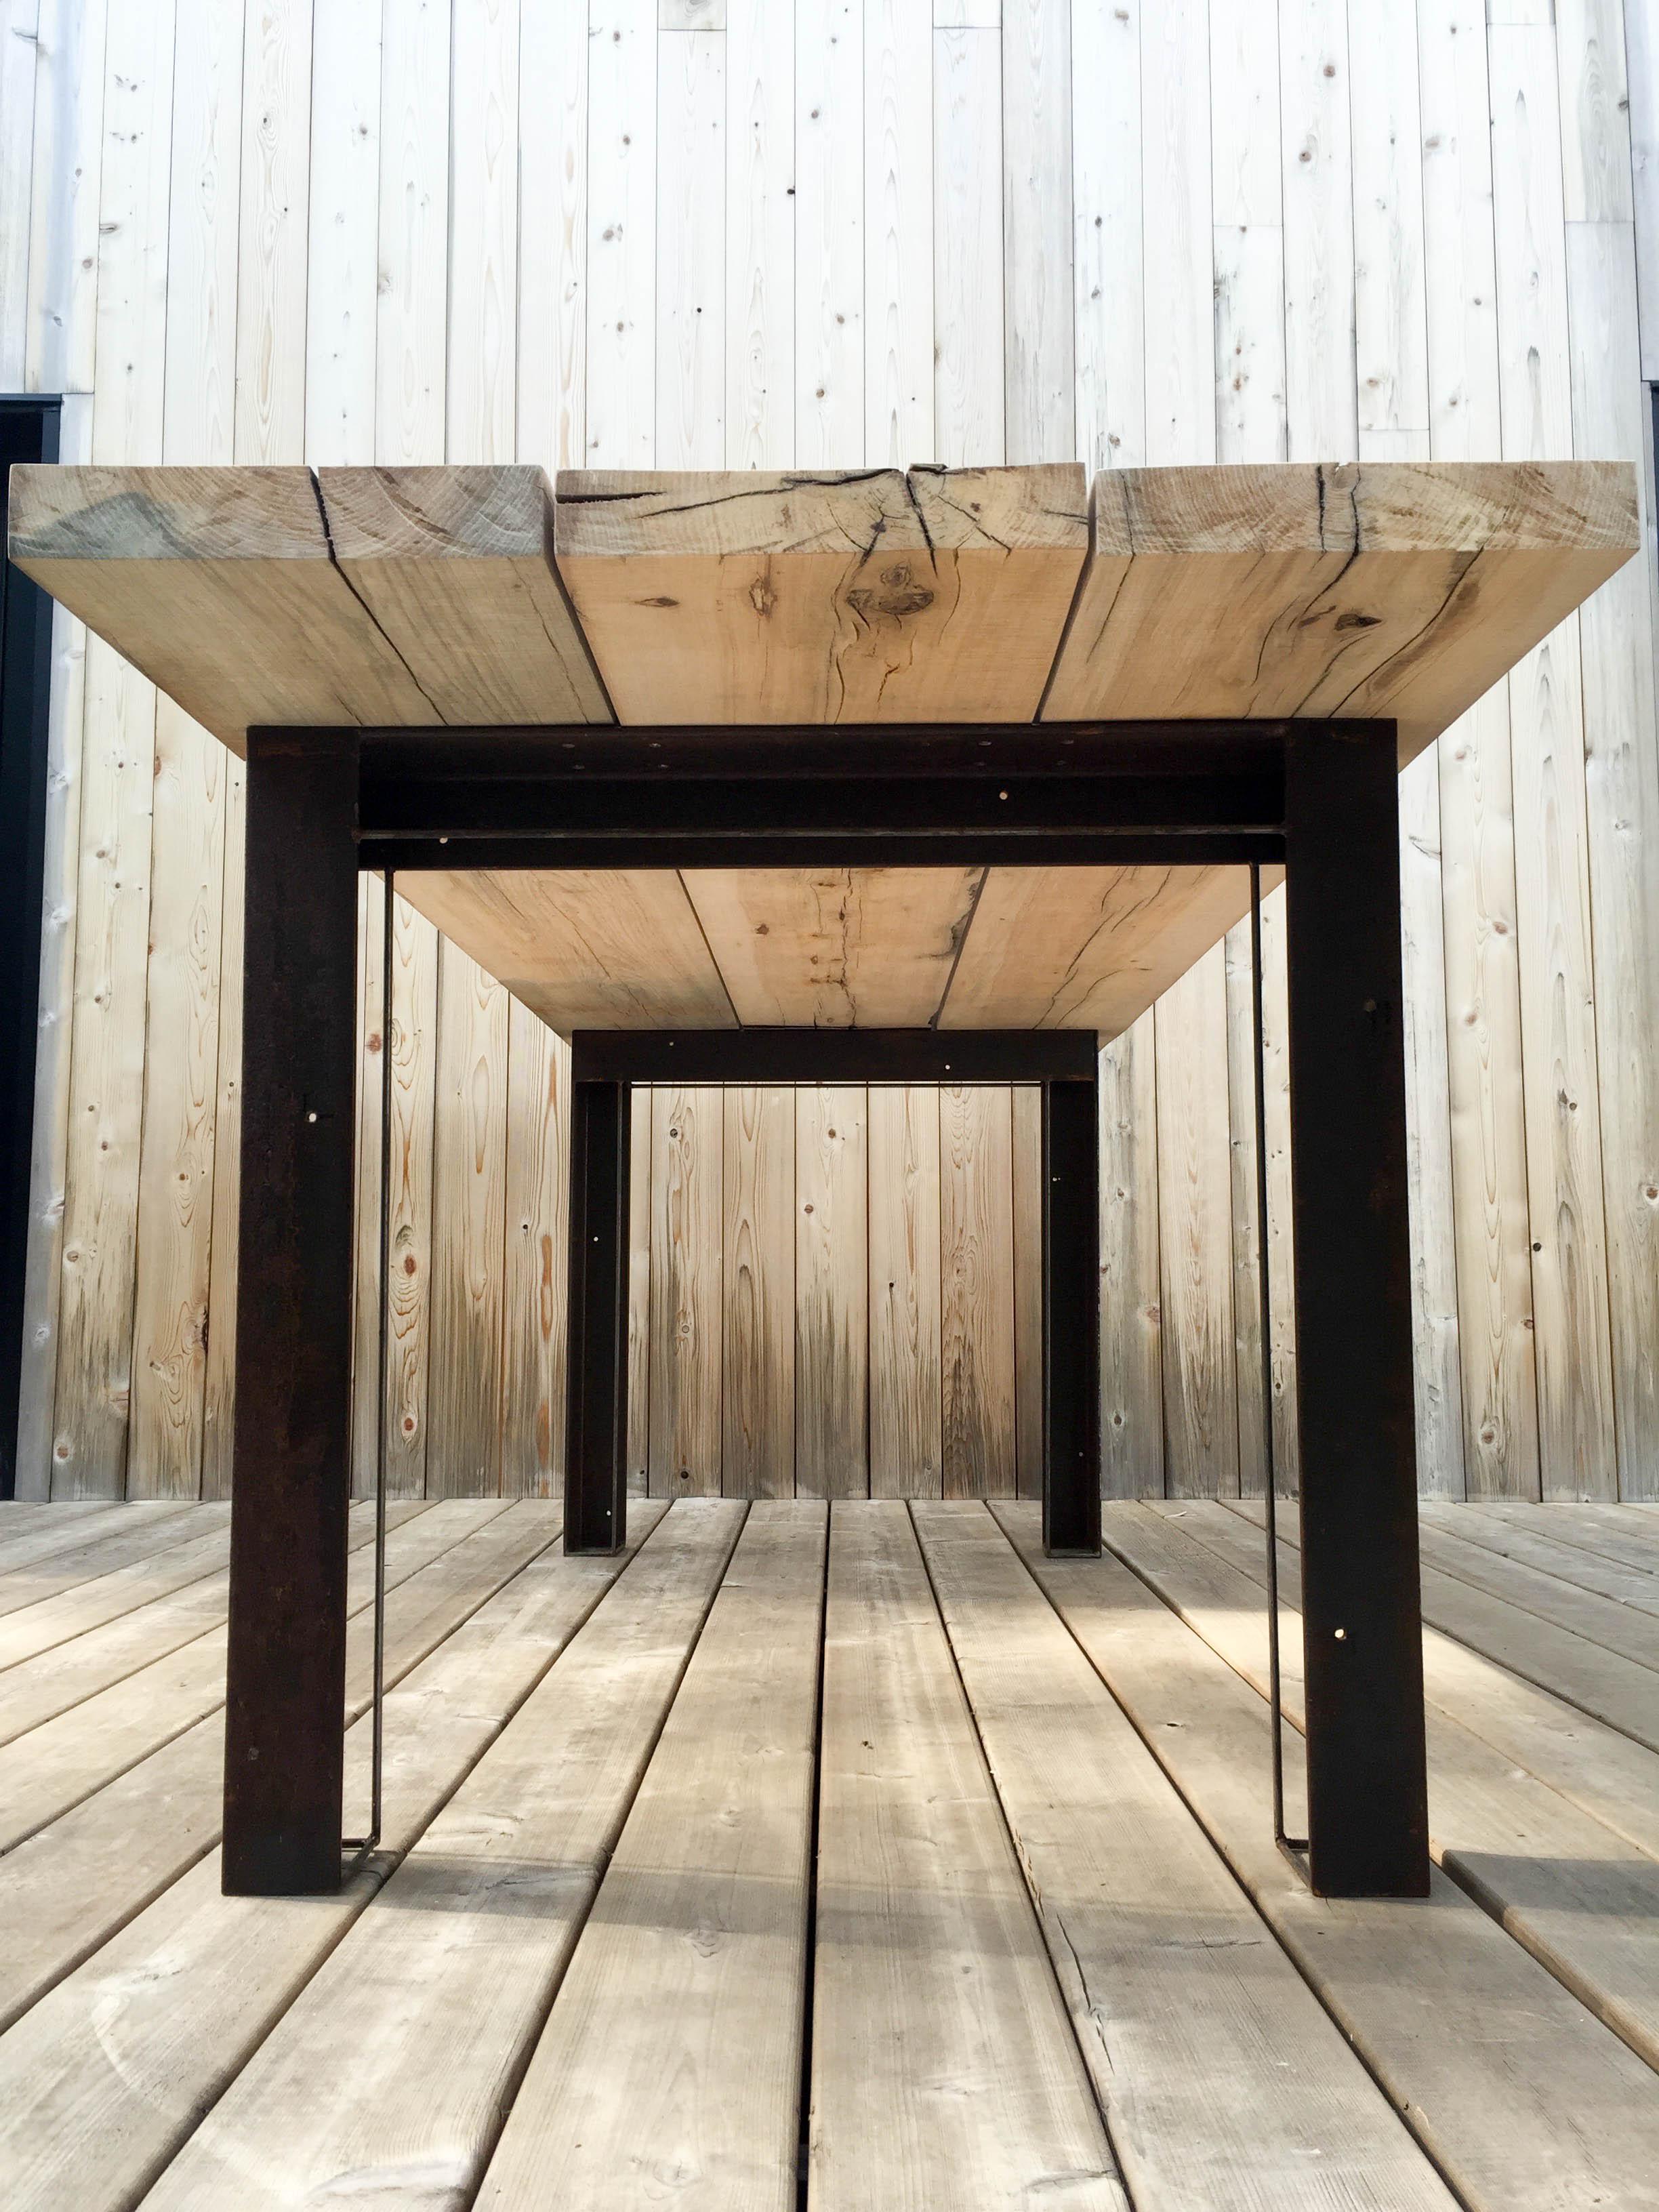 meubles roll 3-33